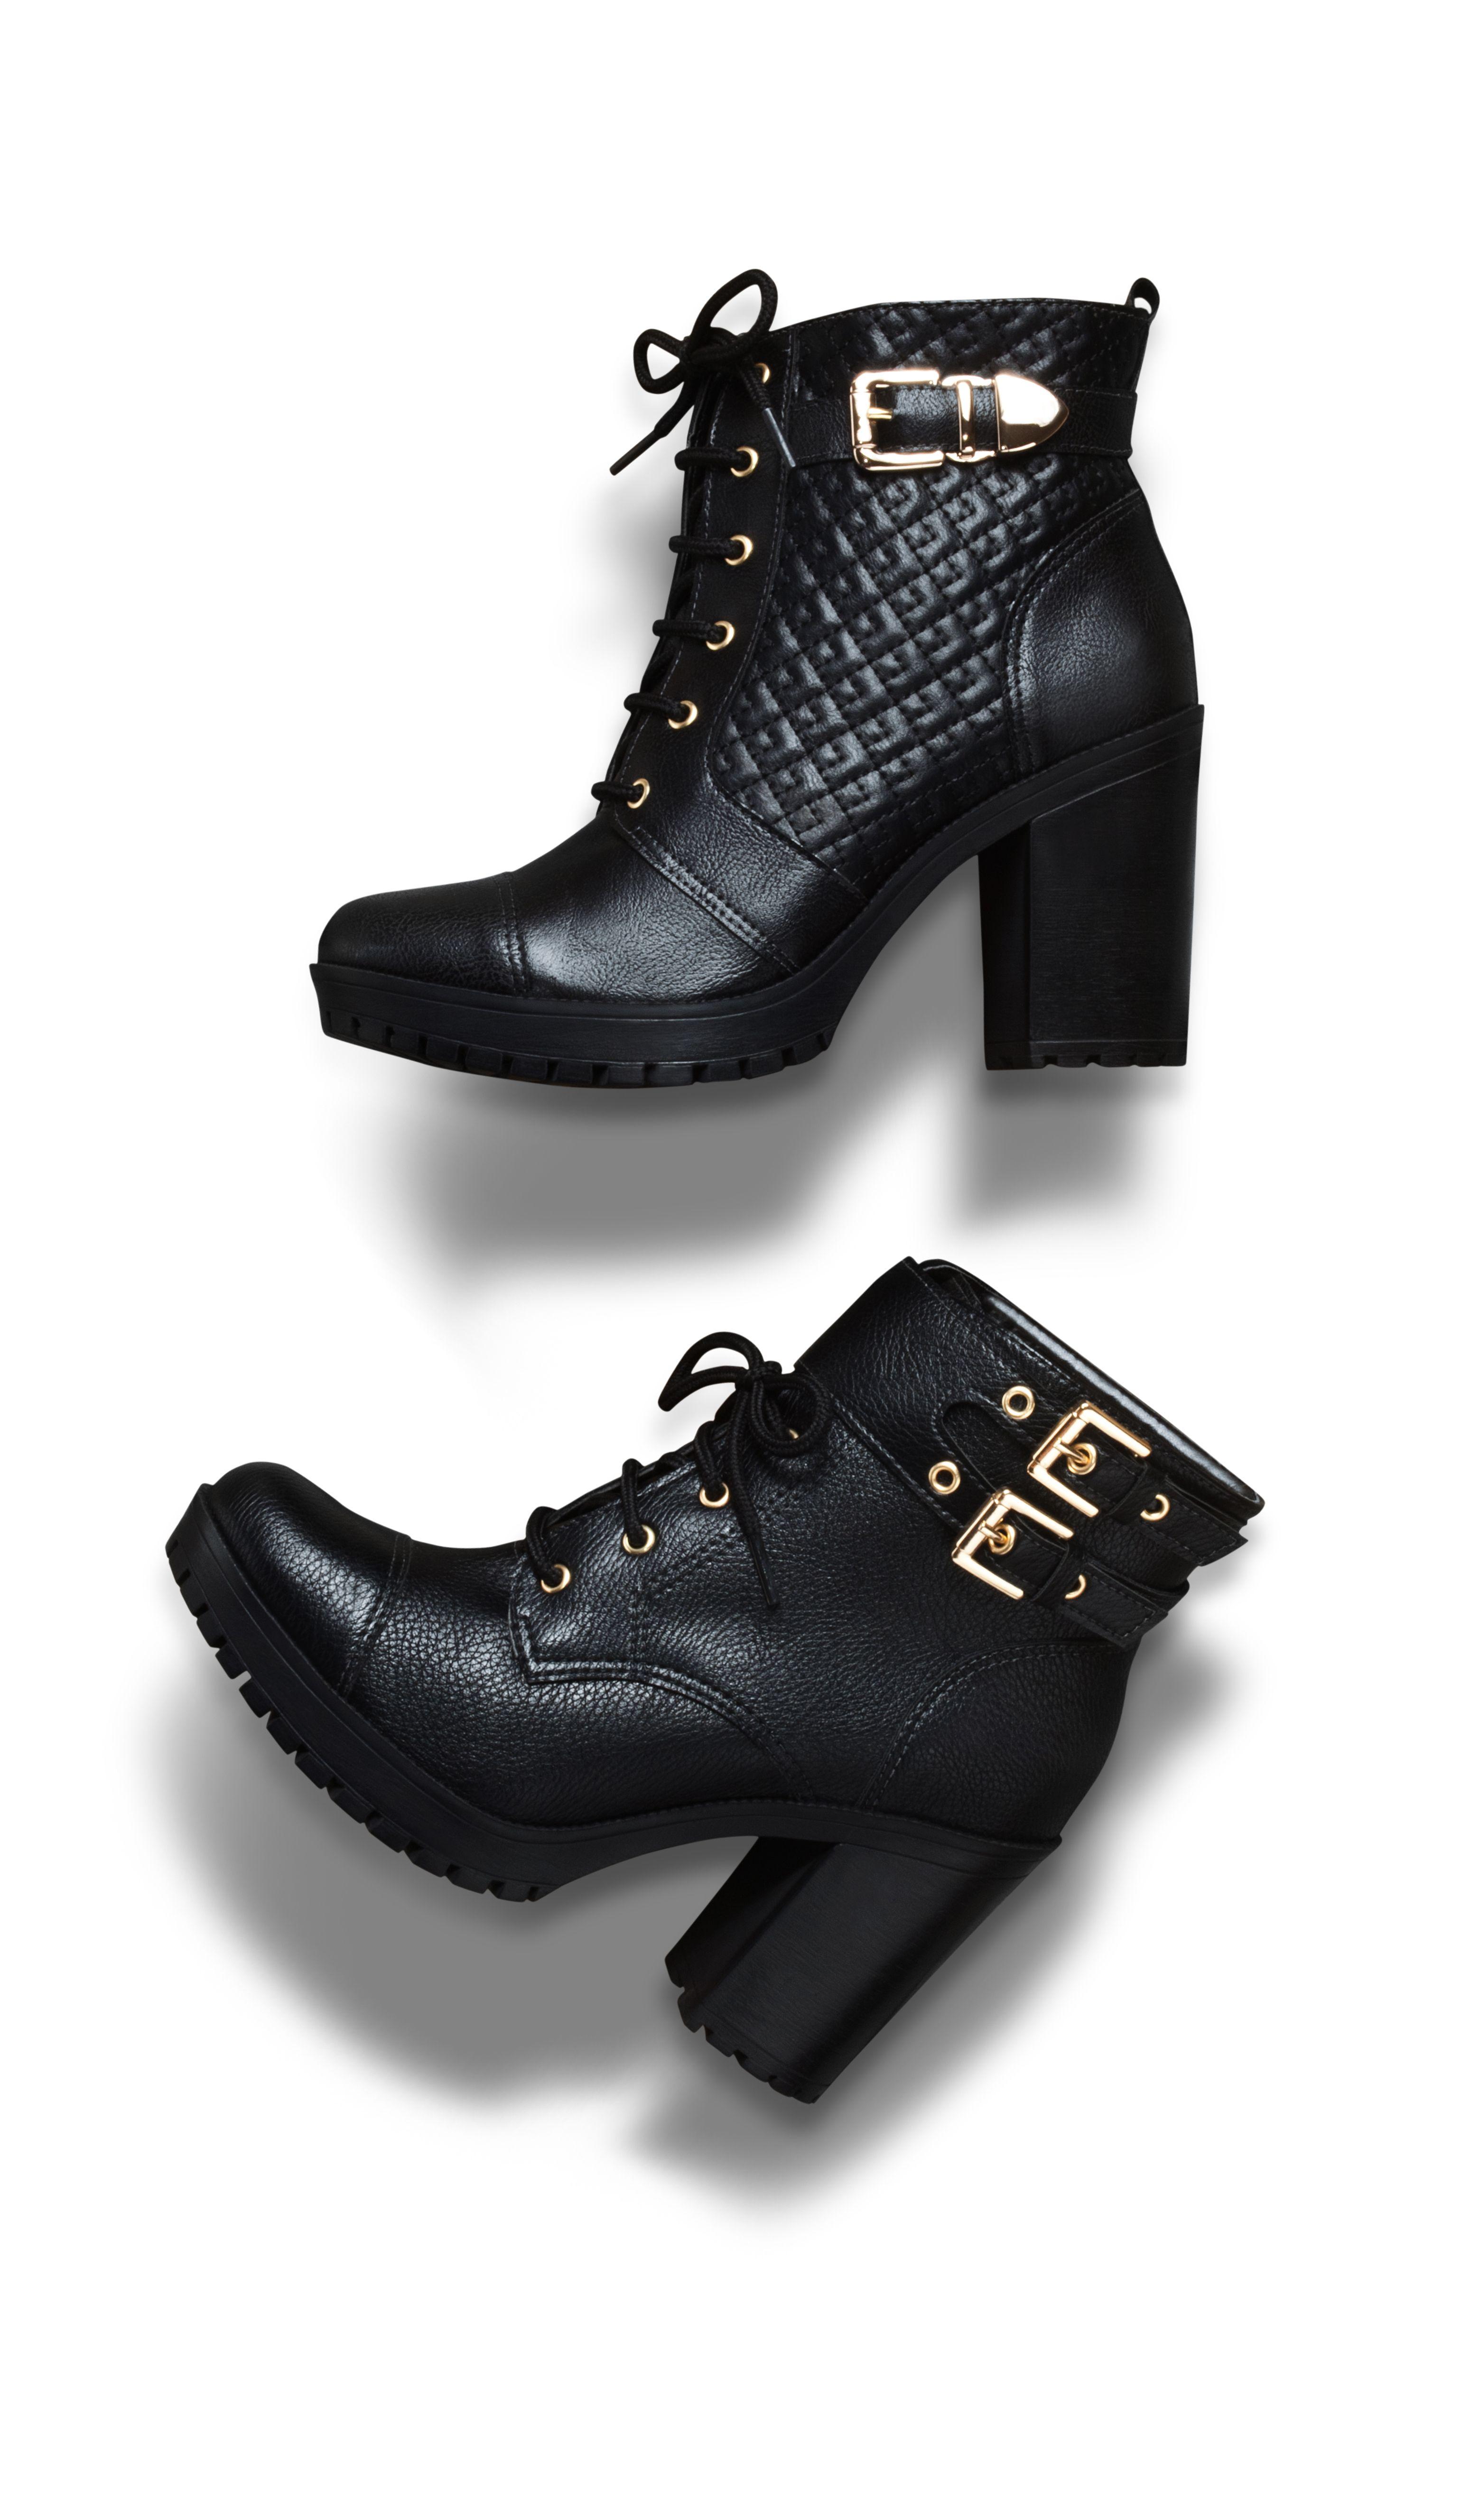 1b71a132d botas de cano curto - coturno de salto alto - winter heels - black - boots  - Inverno 2015 - Ref. 15-5801